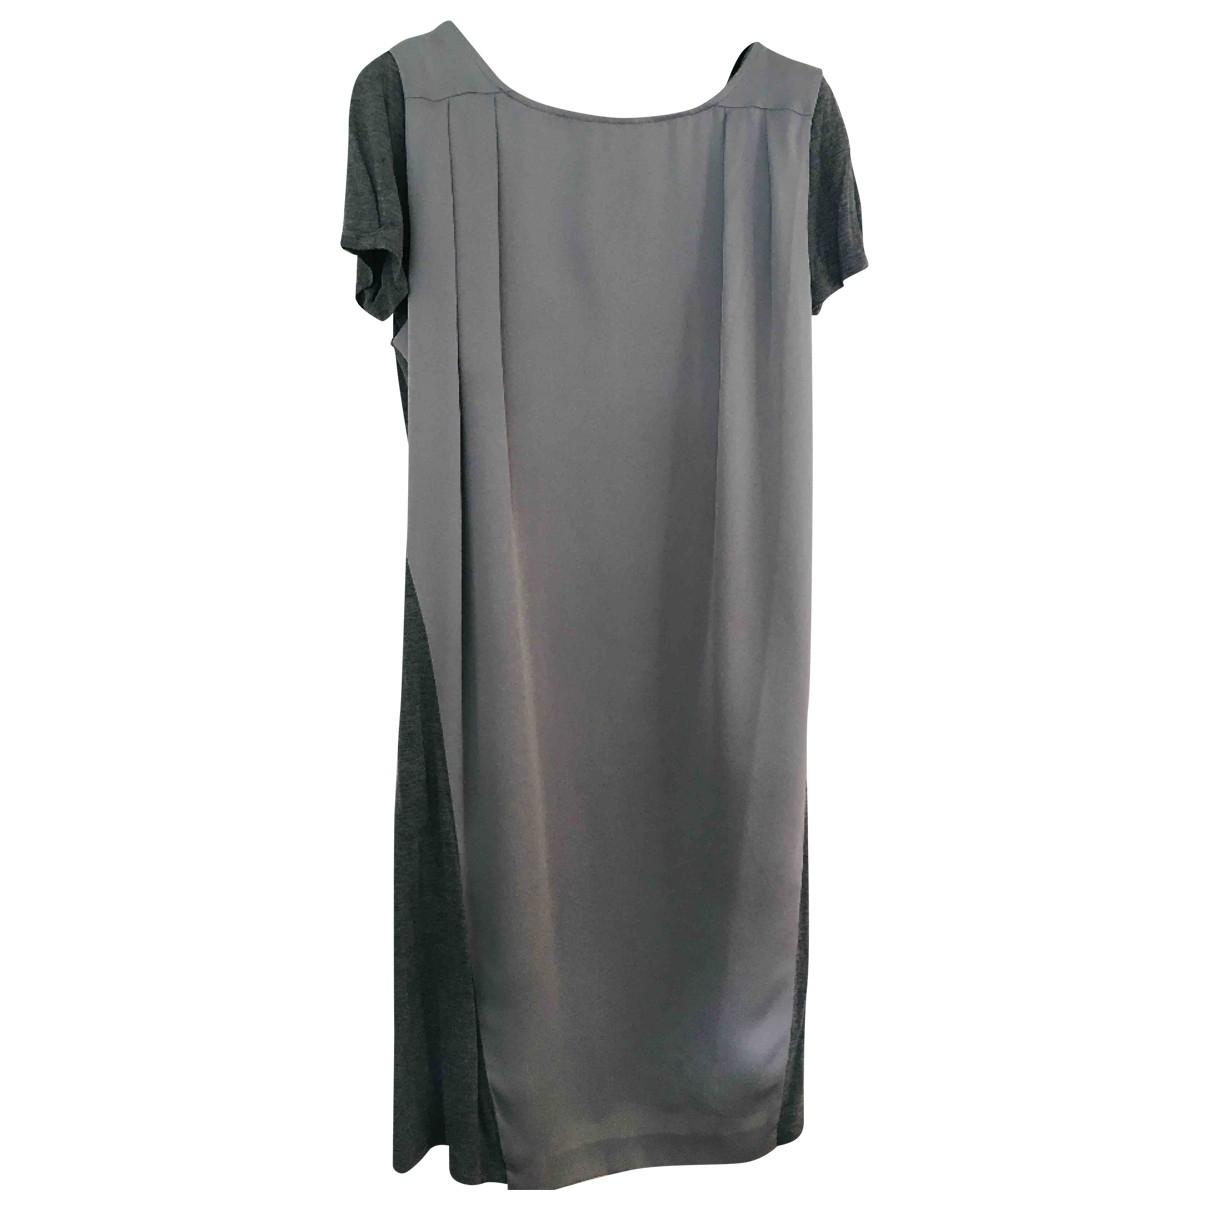 Max & Co \N Kleid in  Grau Baumwolle - Elasthan